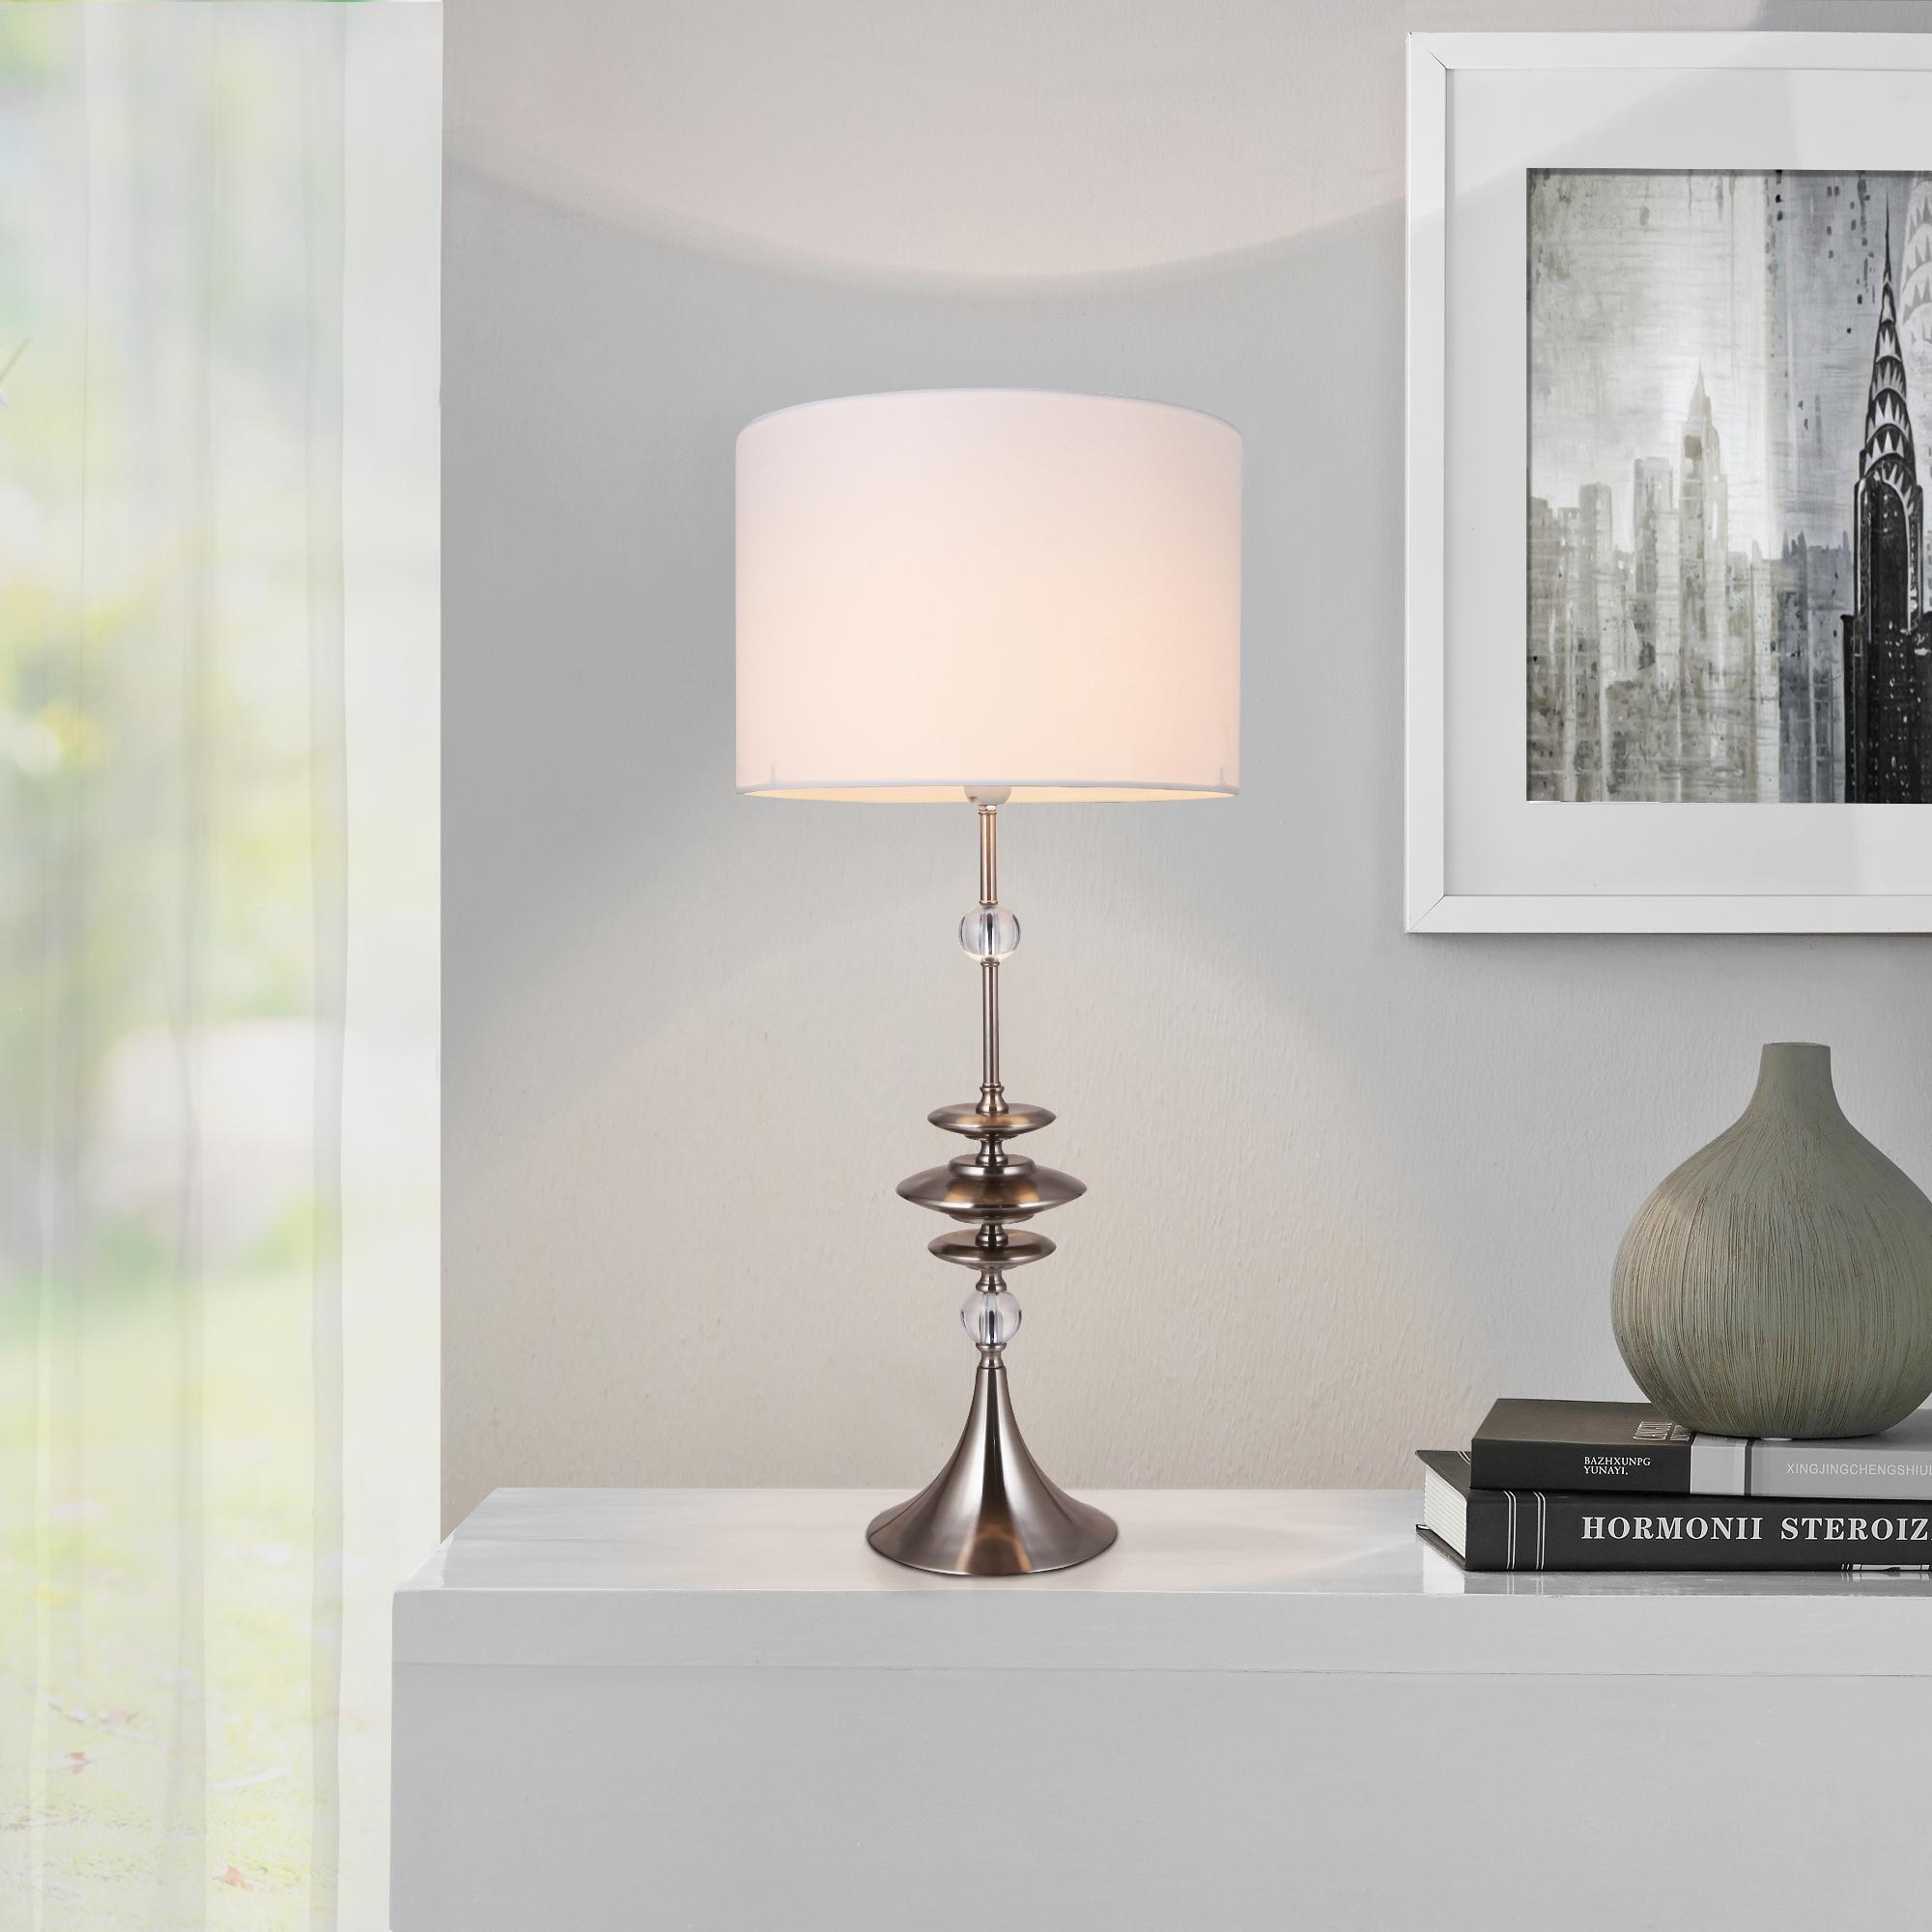 Full Size of Wohnzimmer Tischlampe Amazon Lampe Modern Ikea Ebay Dimmbar Holz Komplett Poster Stehlampen Deckenleuchten Deko Wandtattoos Sideboard Teppiche Hängeschrank Wohnzimmer Wohnzimmer Tischlampe